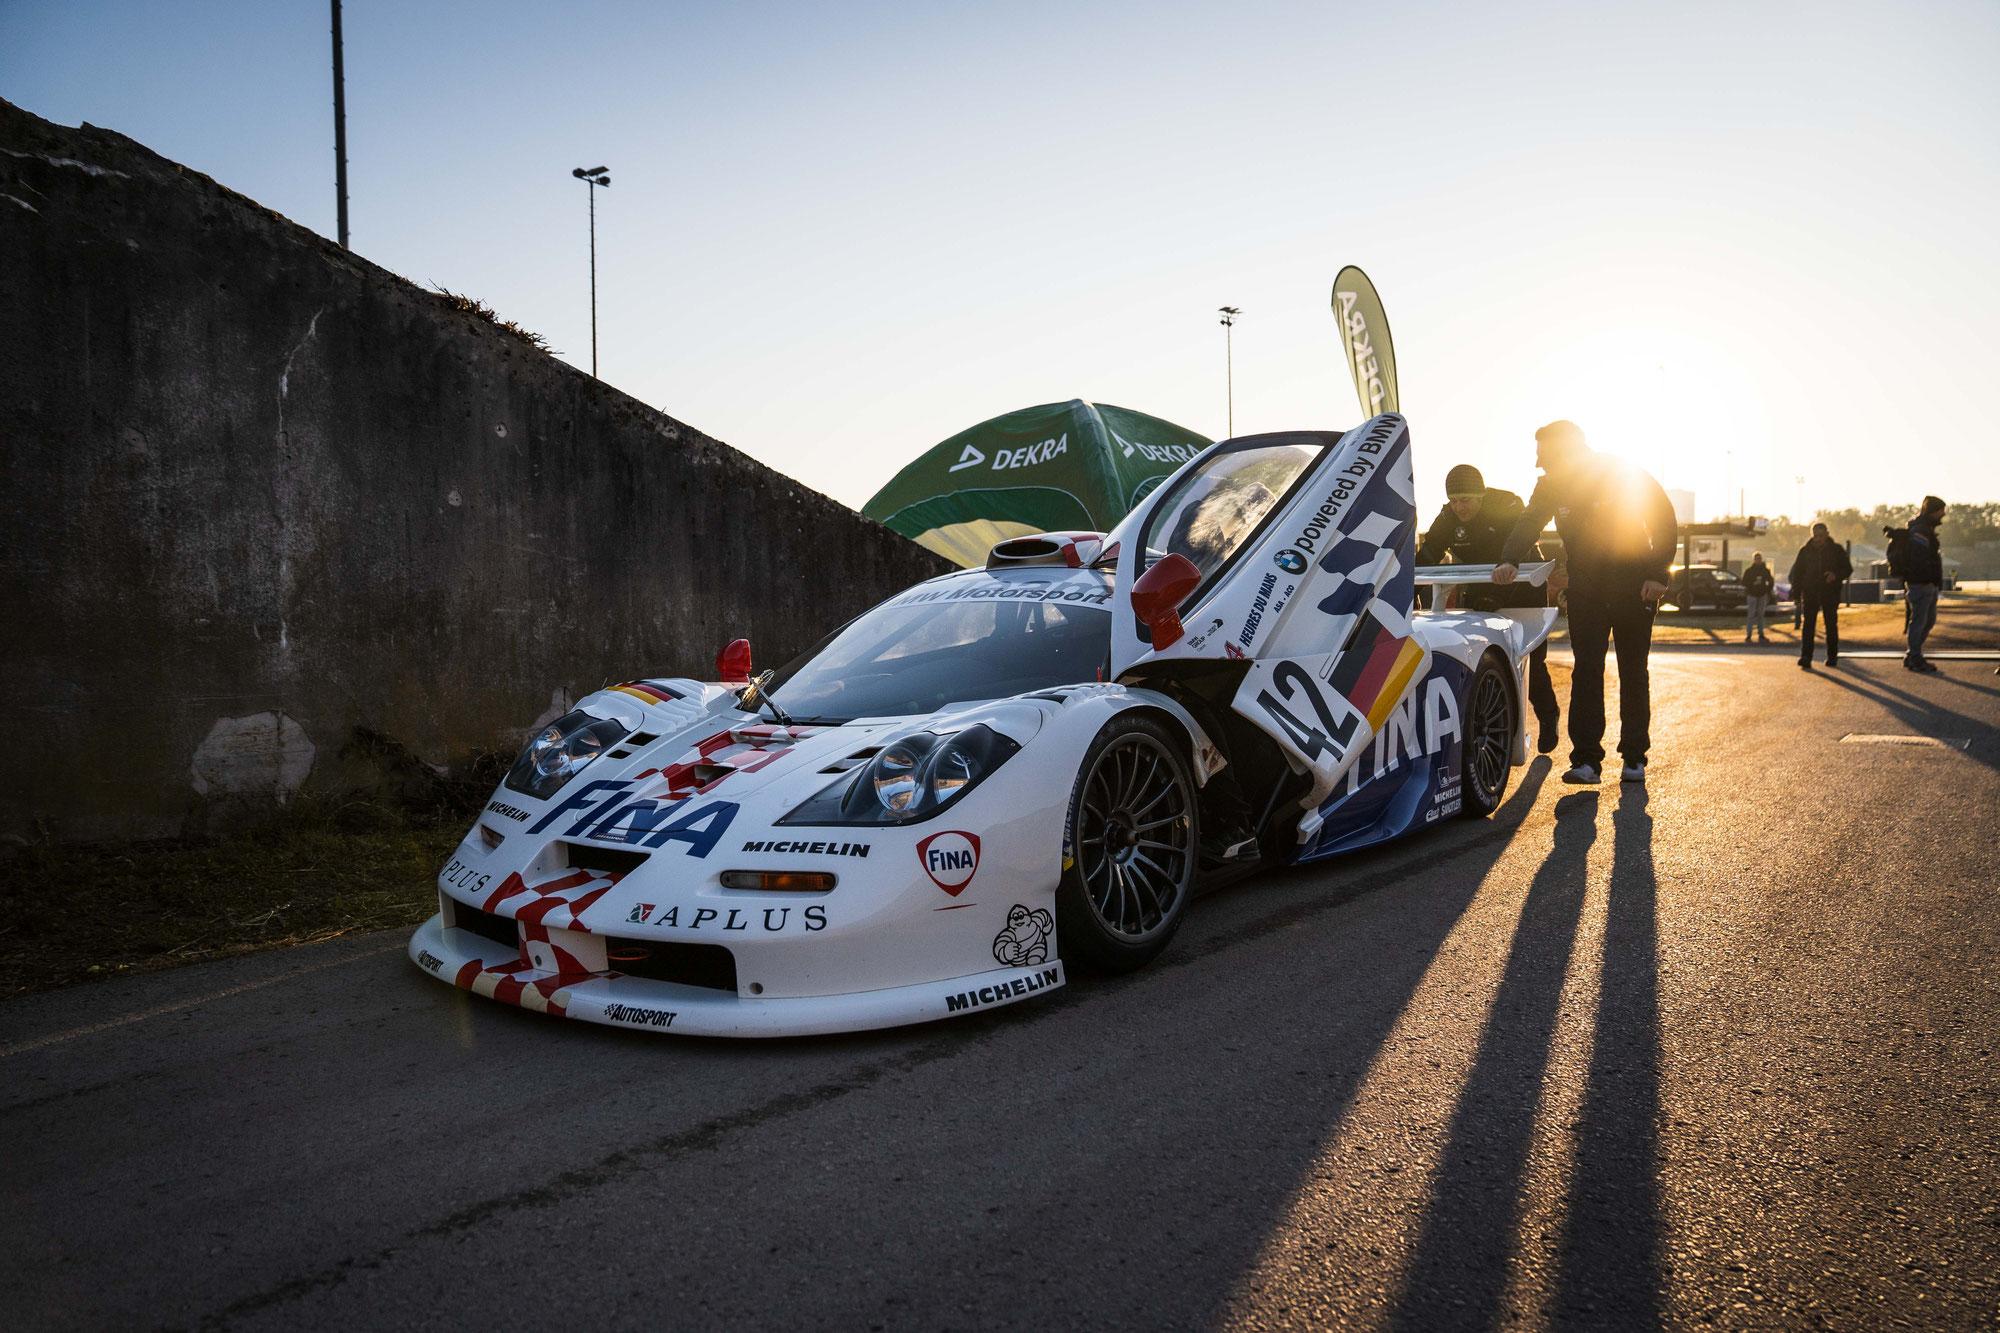 Großer Auftritt von BMW M Motorsport auf dem Norisring mit Titelgewinnen, Rennlegenden und dem Abschied des BMW M6 GT3